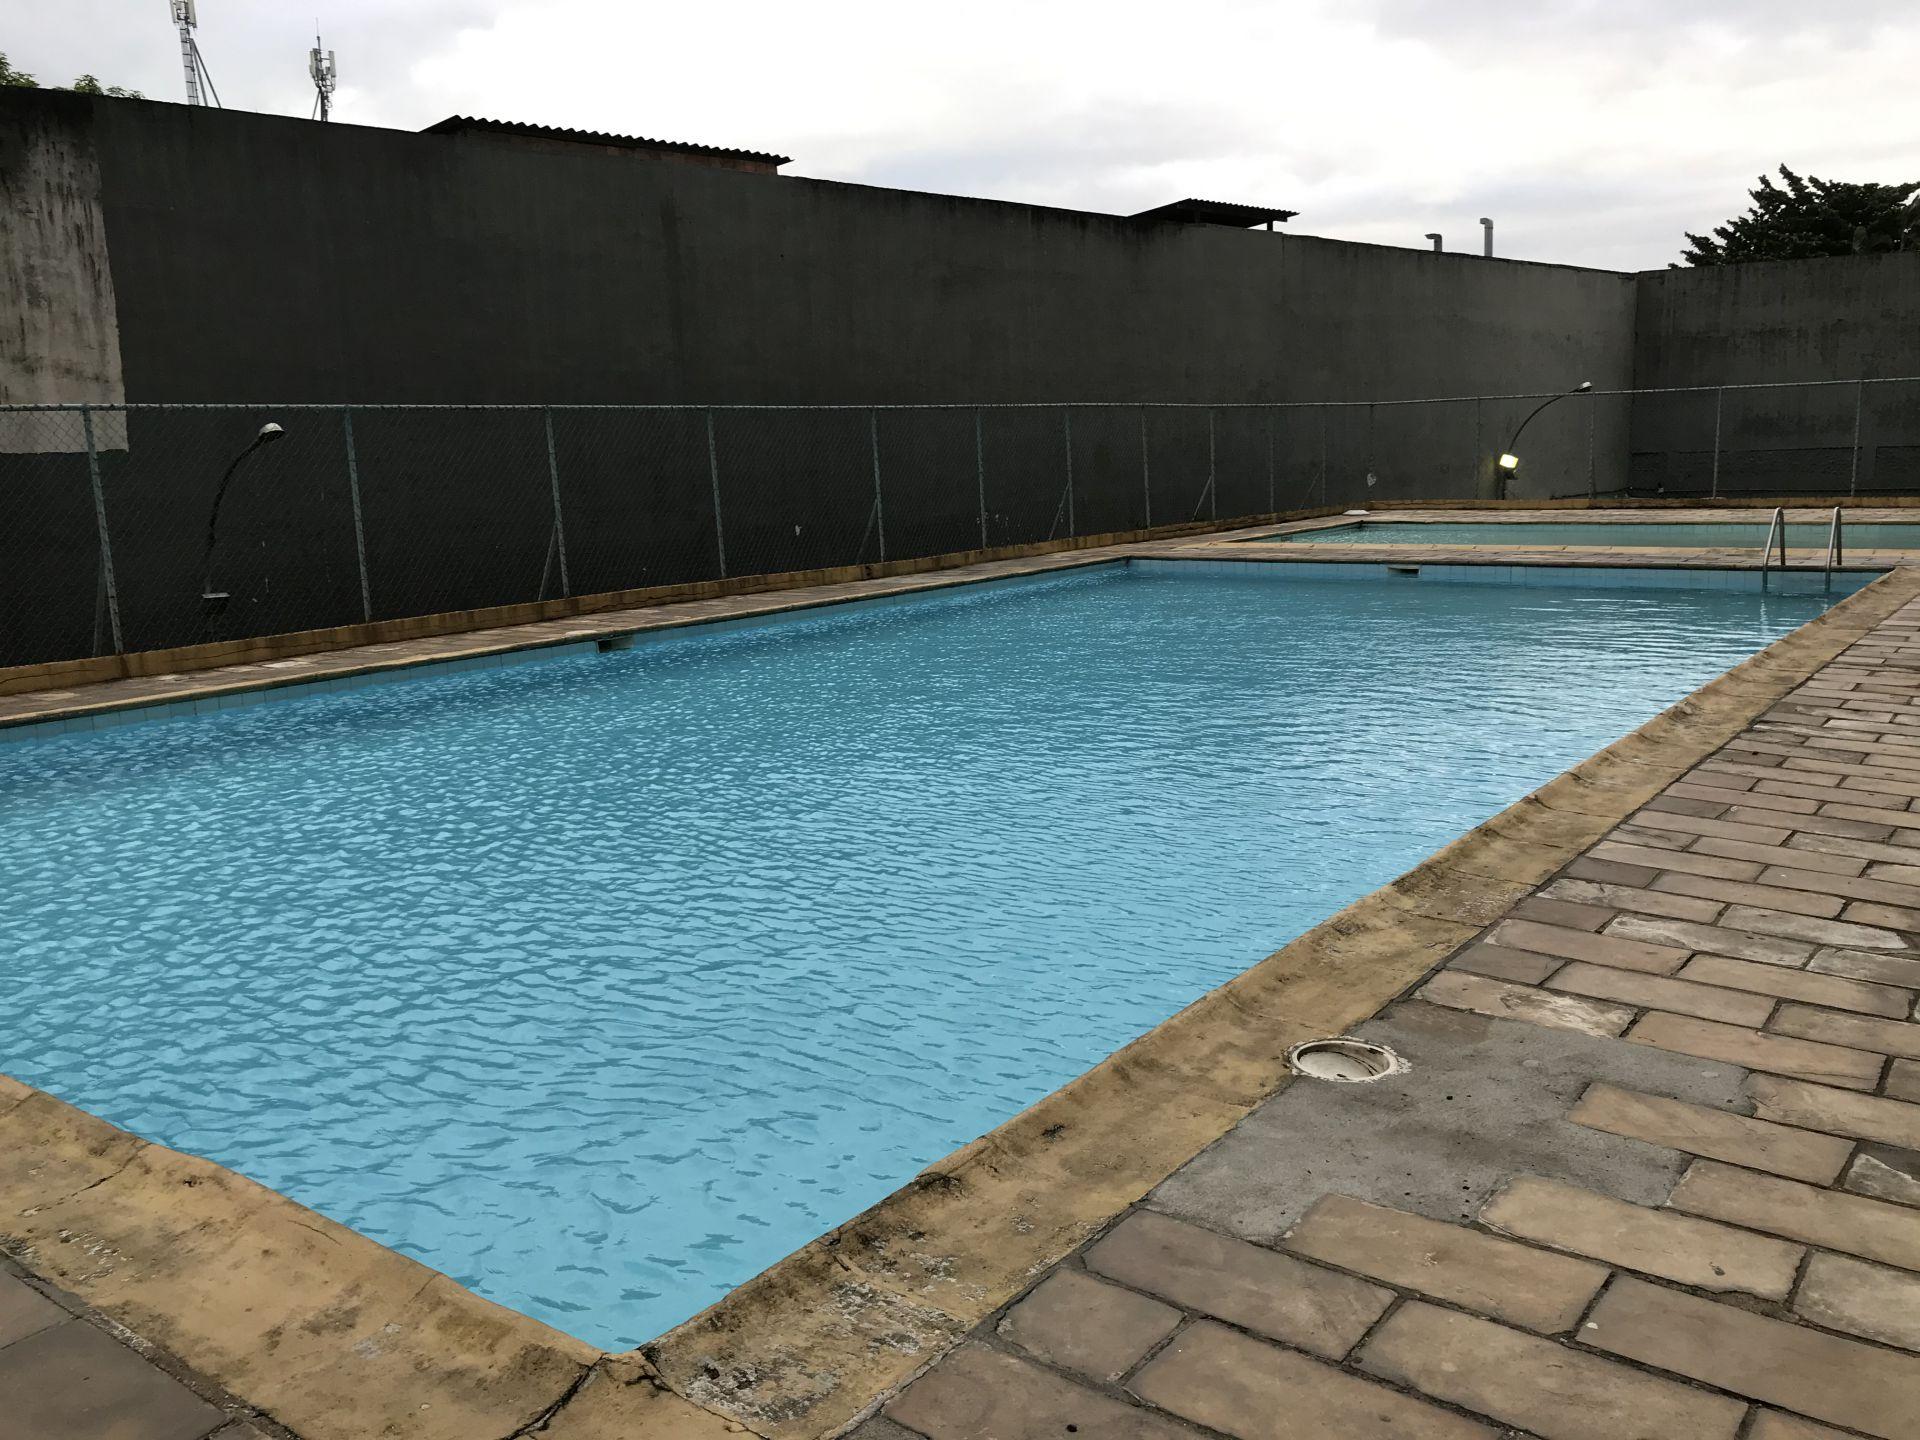 FOTO 16 - Apartamento à venda Rua Paulo Prado,Oswaldo Cruz, Rio de Janeiro - R$ 215.000 - RF134 - 17